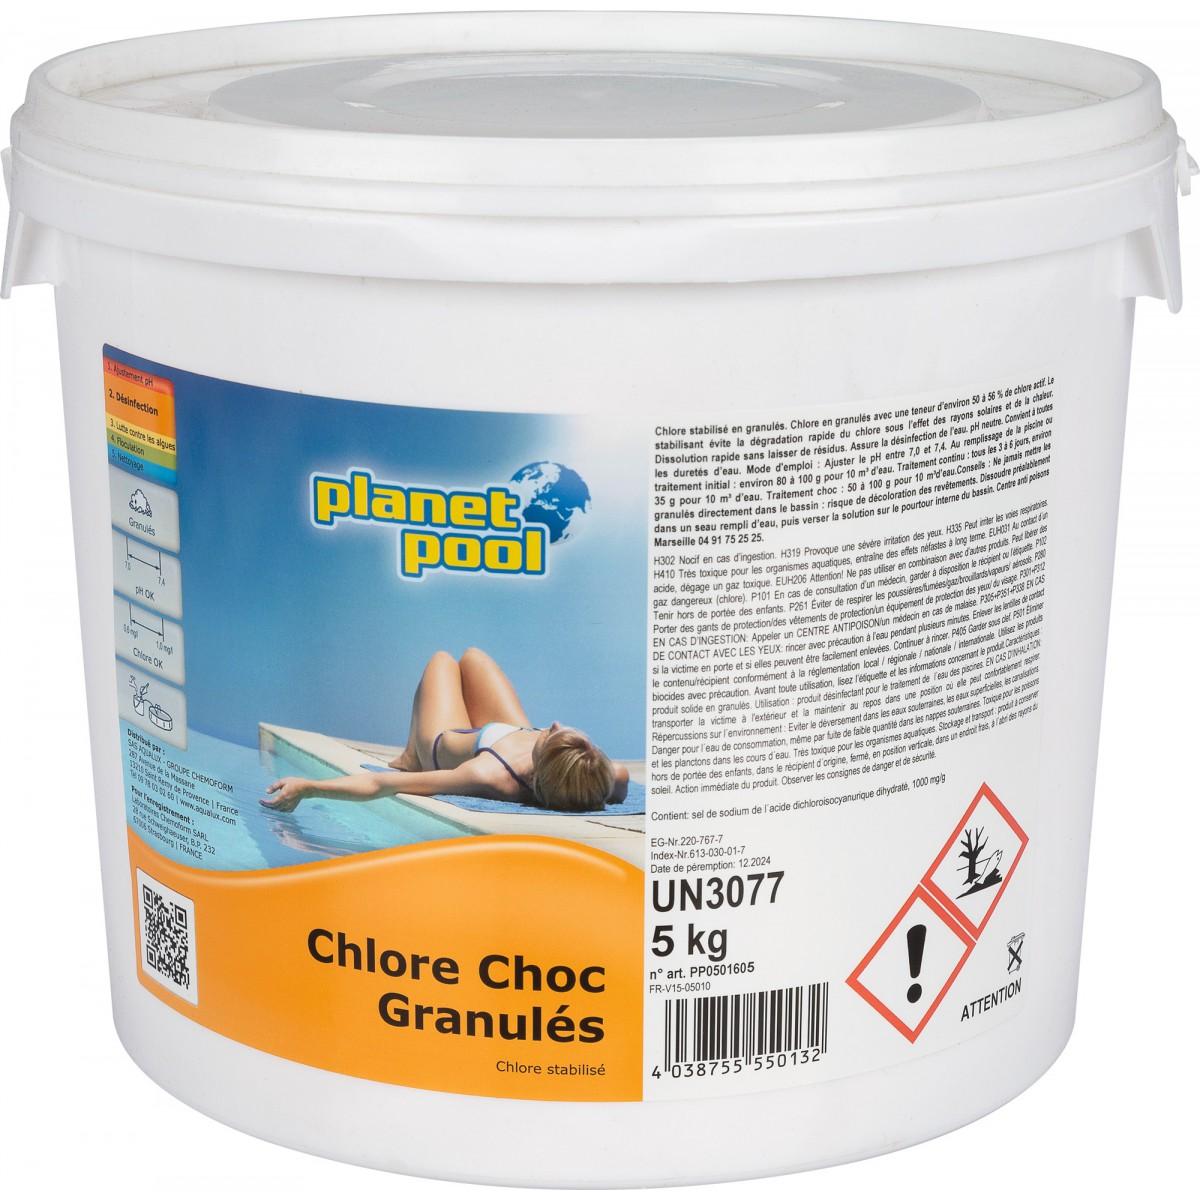 Chlore choc granulés Planet pool - Poids 5 kg